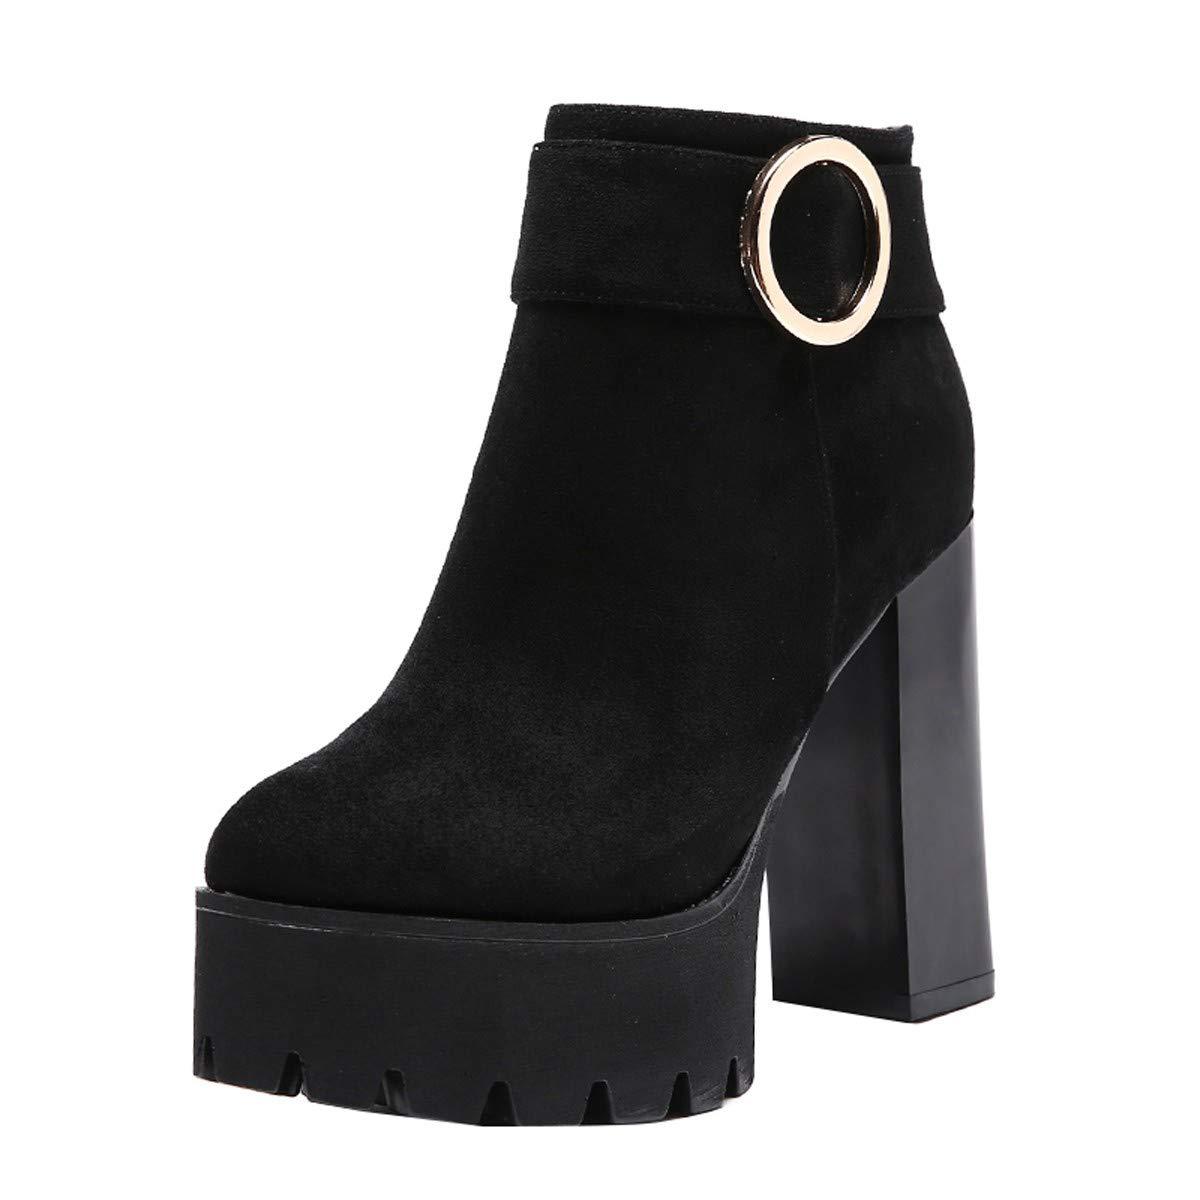 LBTSQ-Die Ferse Und Ferse Wasserdichte Plattform Kurze Stiefel 12Cm Runden Kopf Nackt Schuhe Mode Ma Dingxue